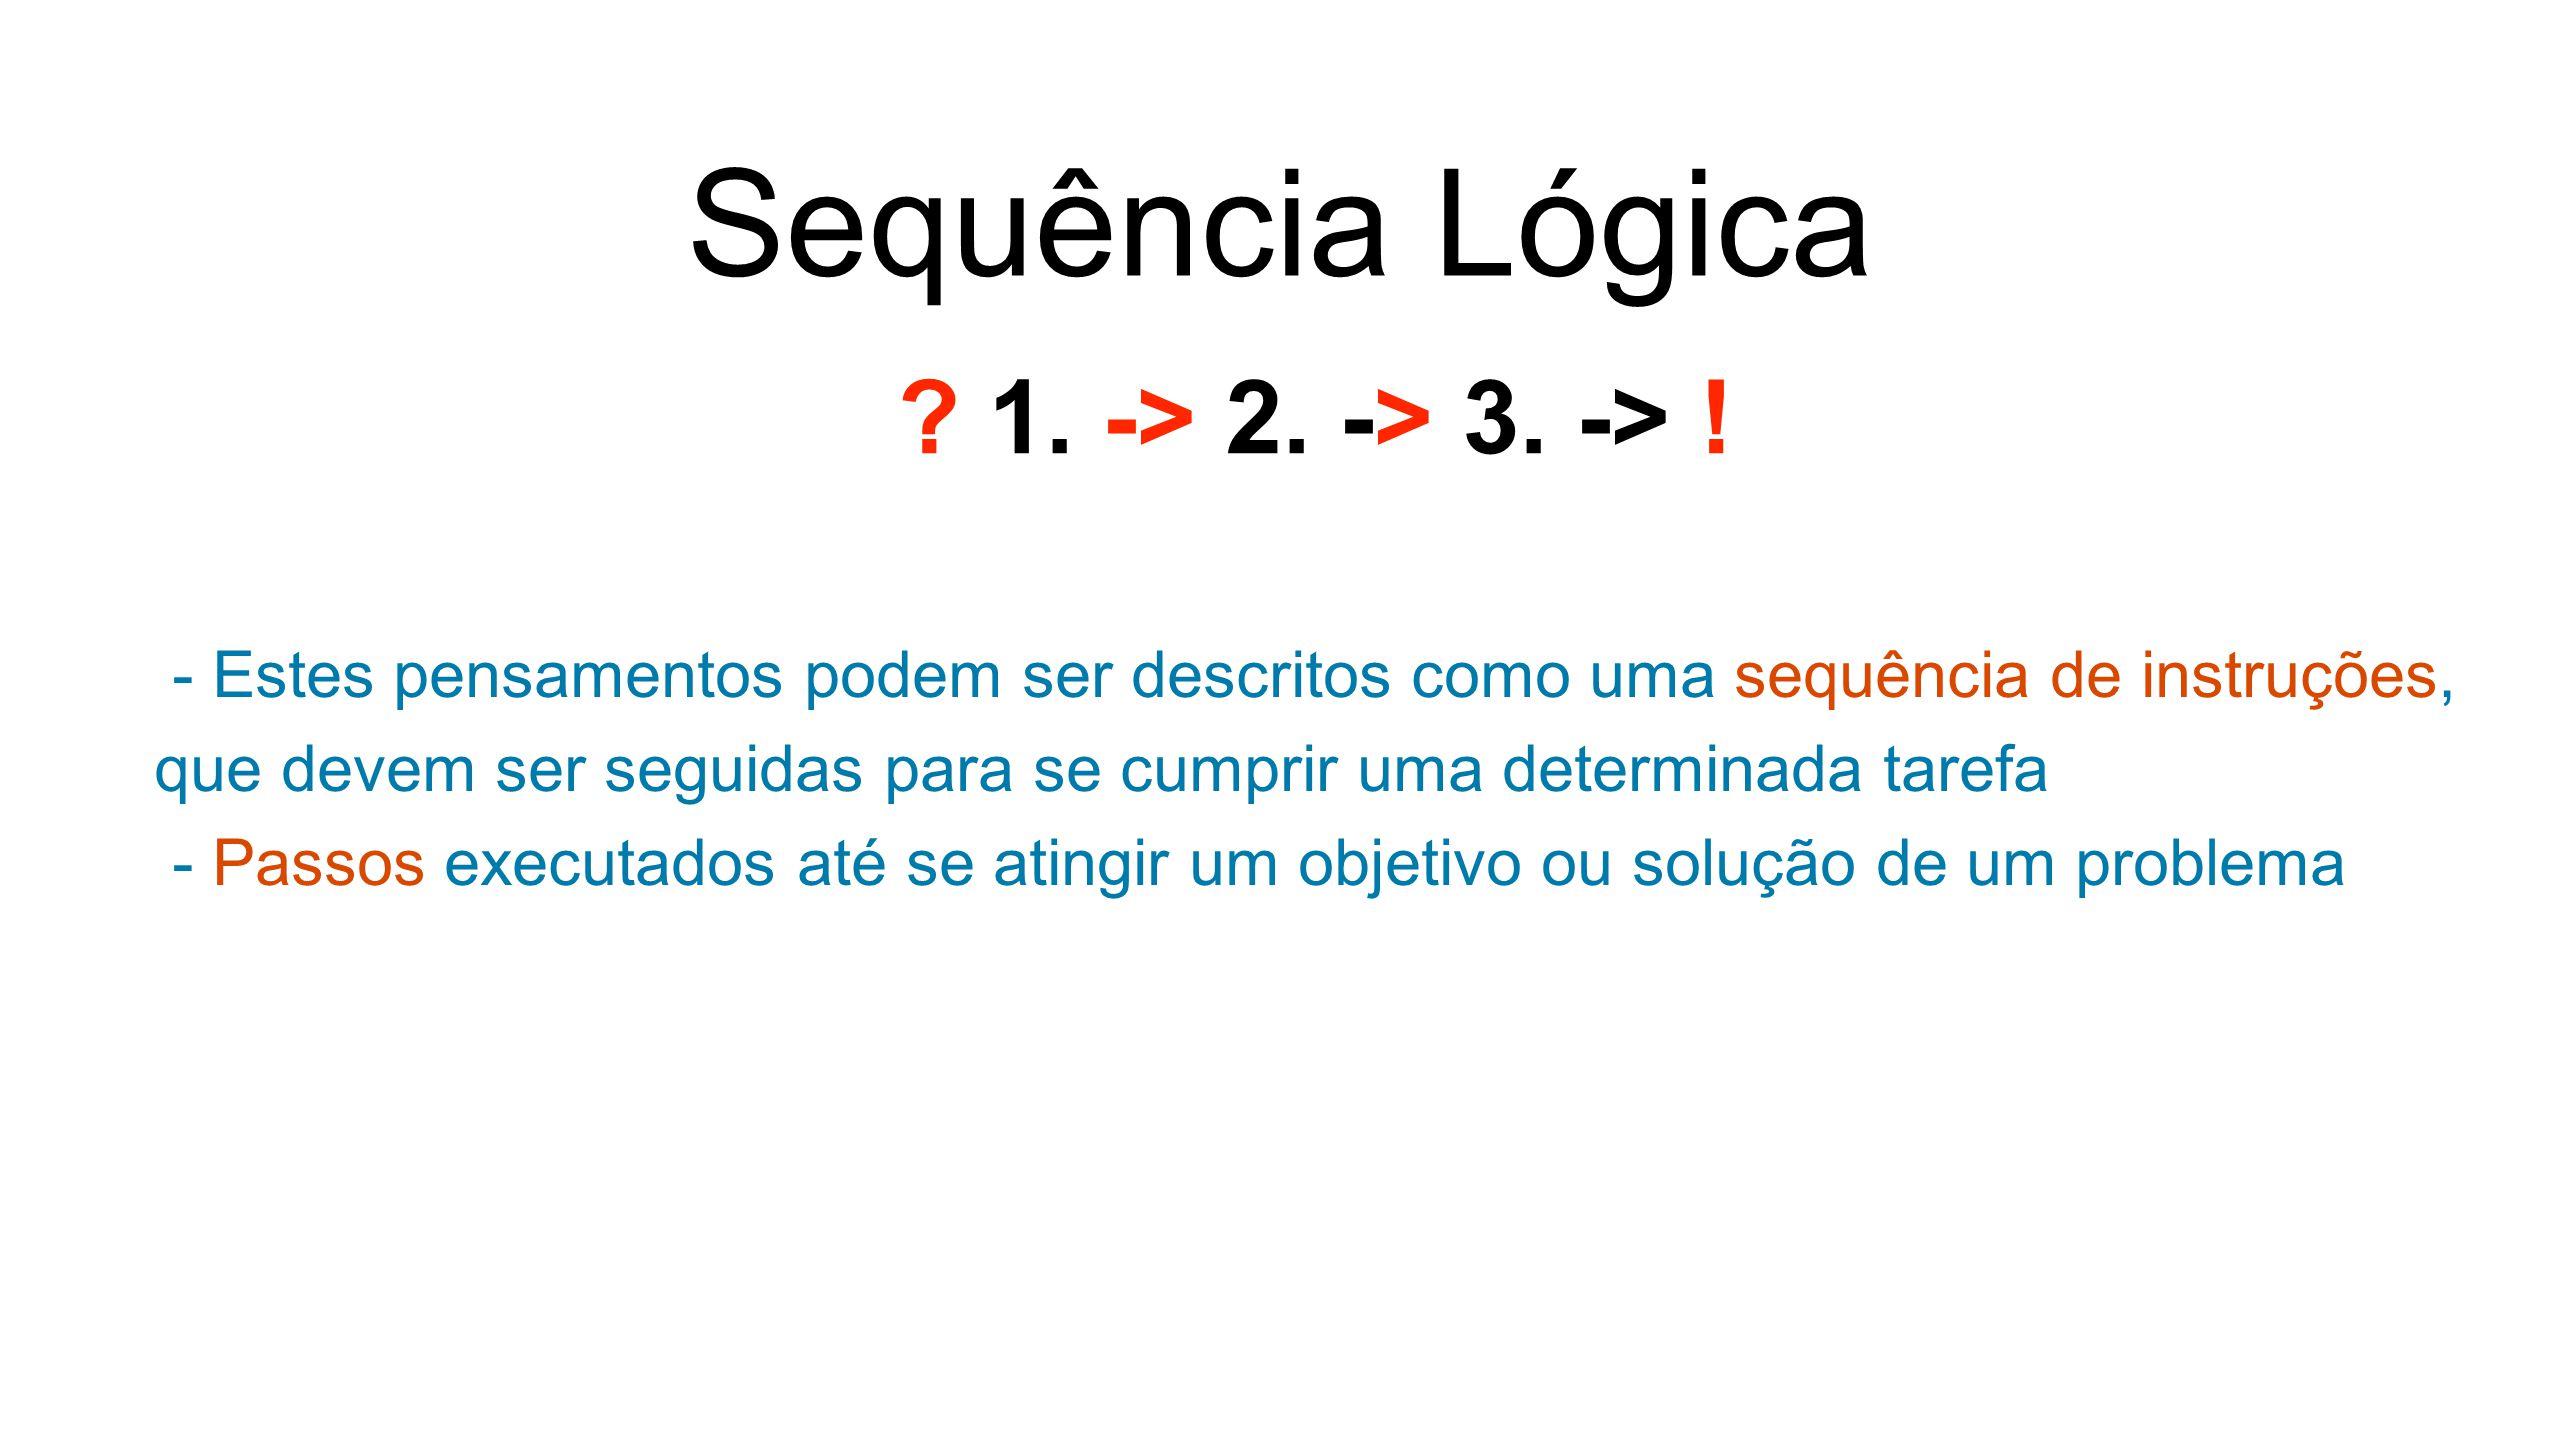 Sequência Lógica - Estes pensamentos podem ser descritos como uma sequência de instruções, que devem ser seguidas para se cumprir uma determinada tarefa - Passos executados até se atingir um objetivo ou solução de um problema .